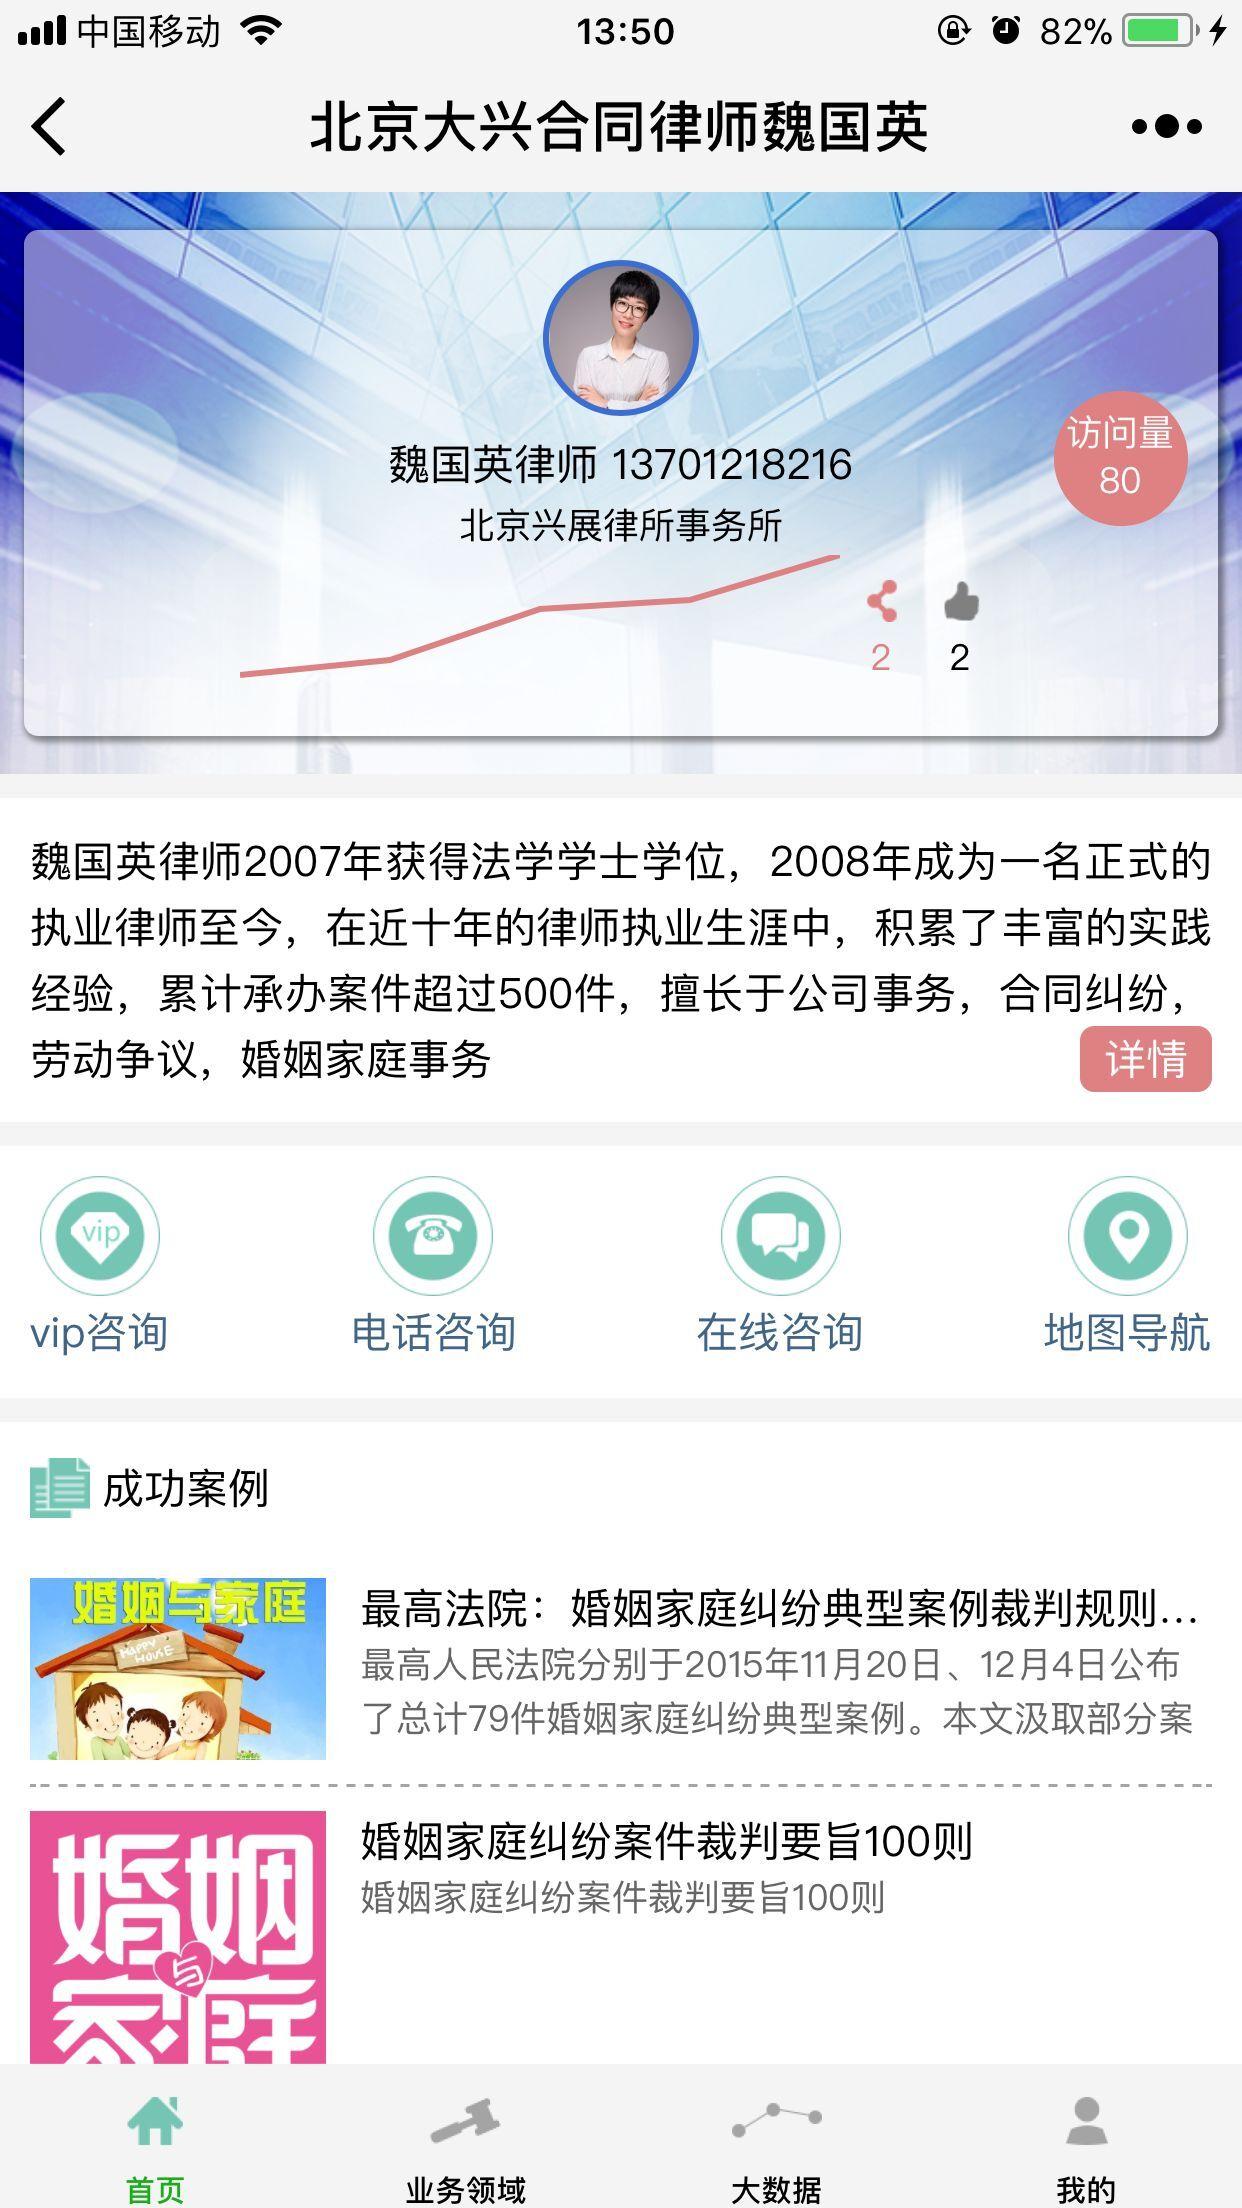 北京大兴合同律师魏国英小程序